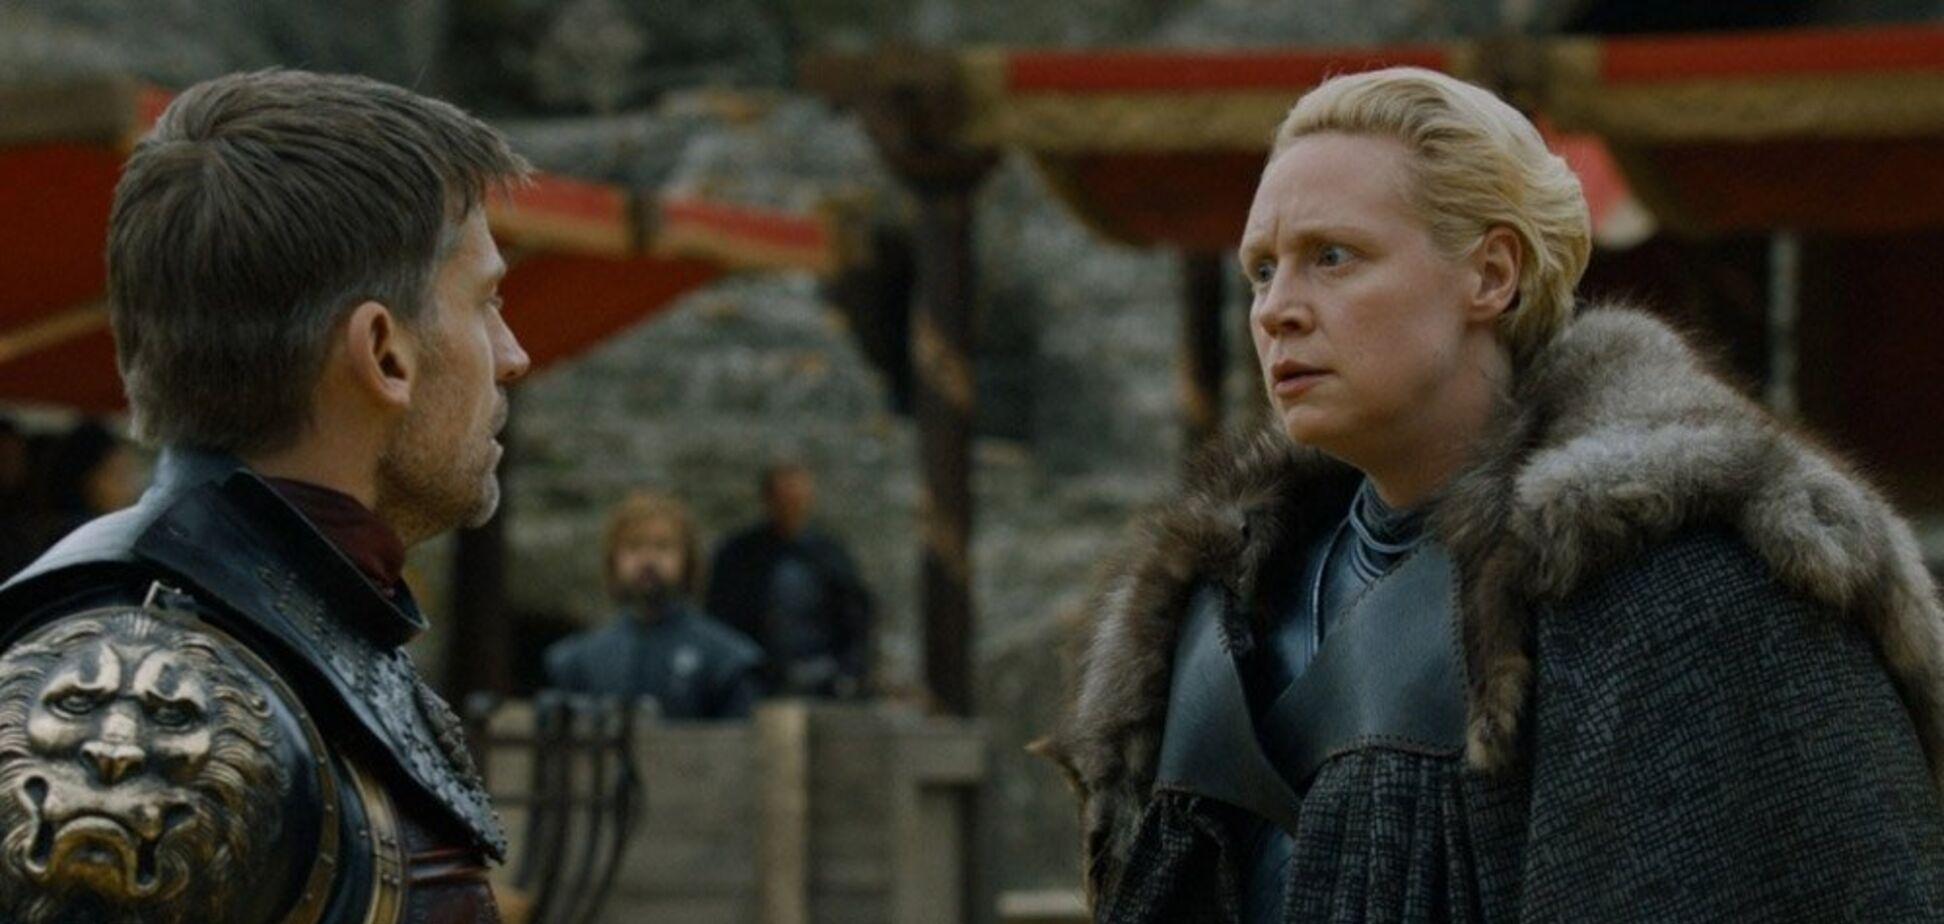 Просил не хохотать: звезда 'Игры престолов' поделилась подробностями интимной сцены